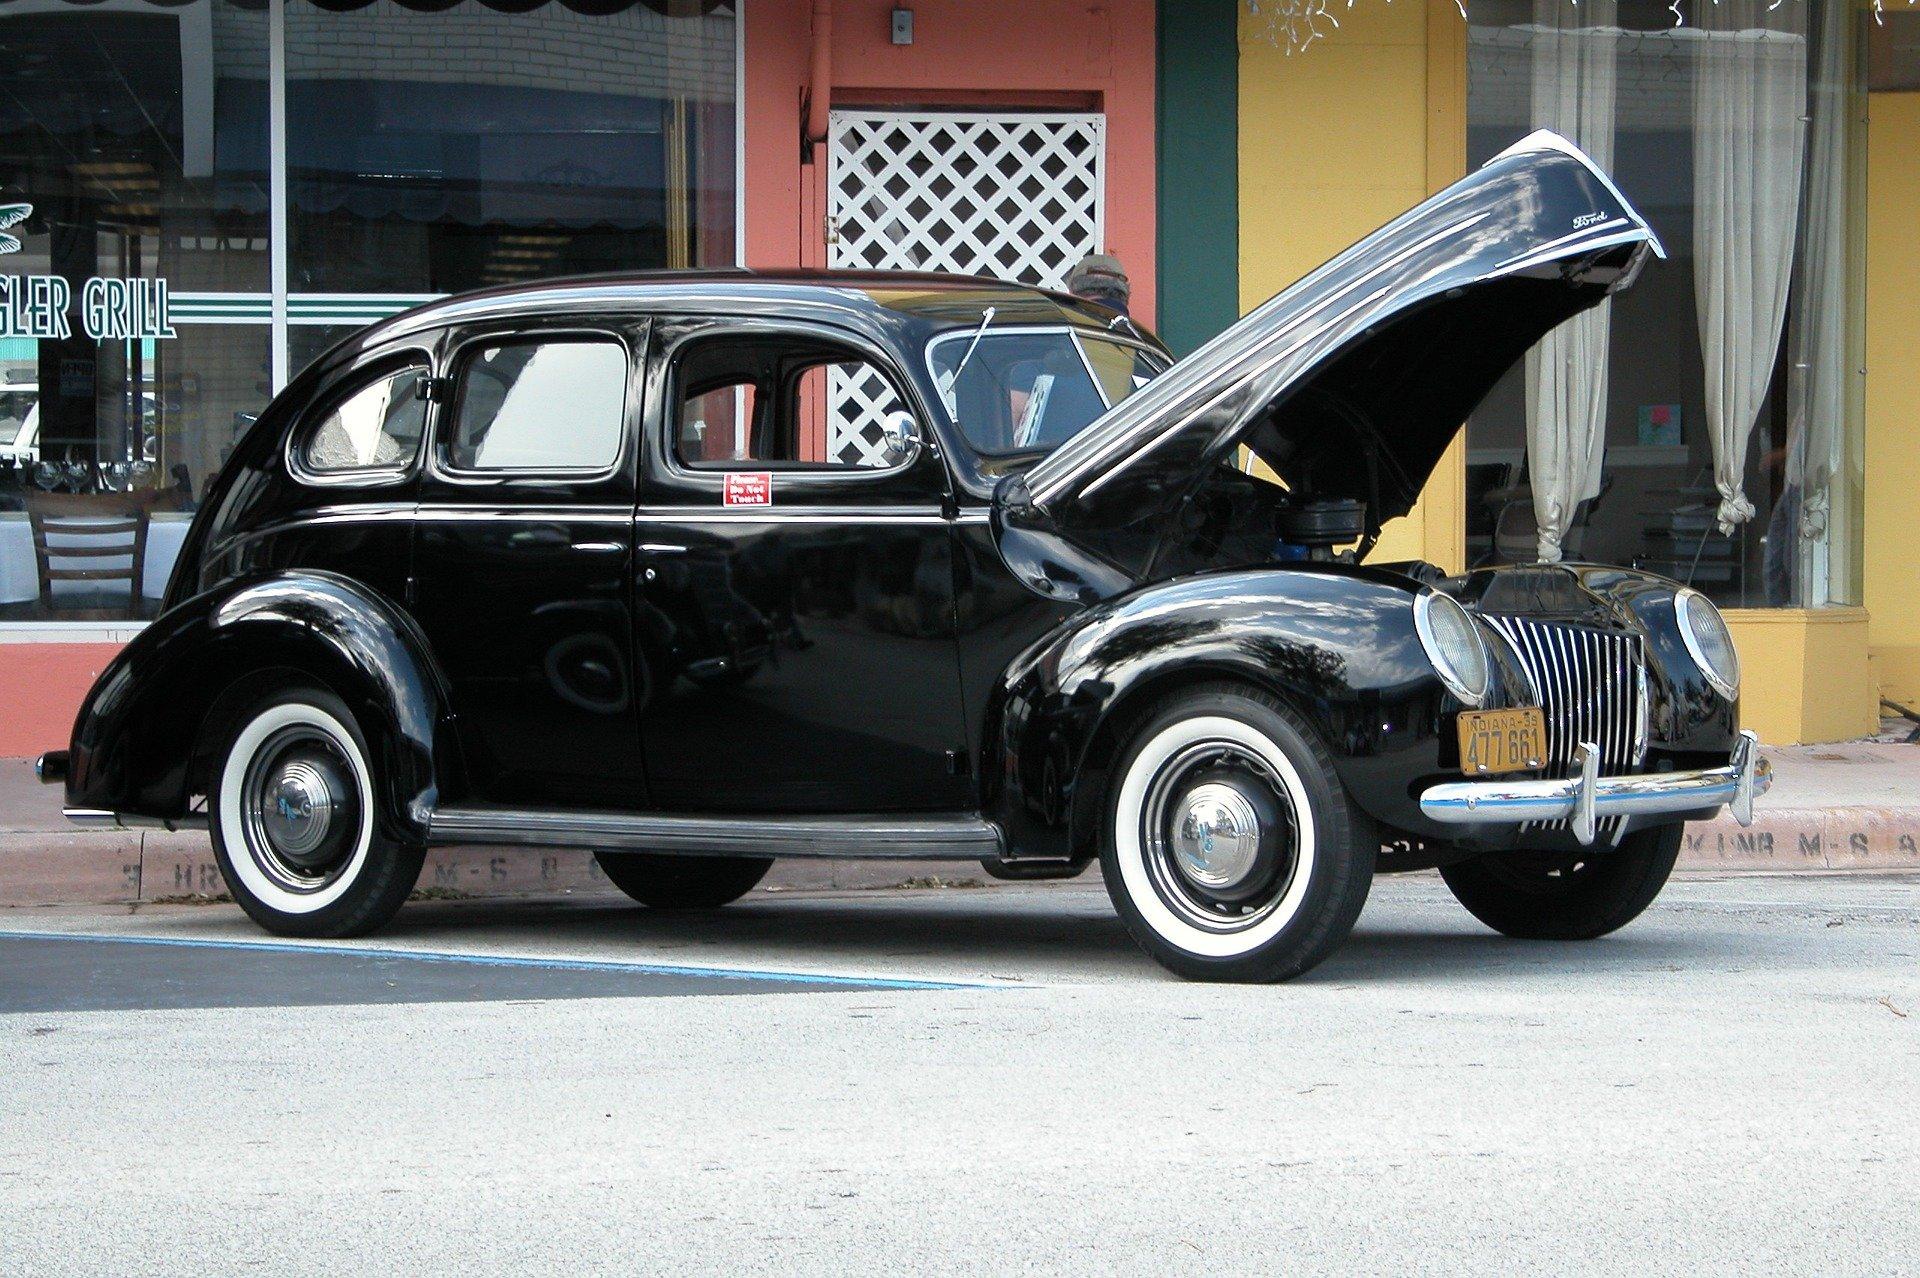 Oldtimer Car in Quincy - VeteranCarDonations.org